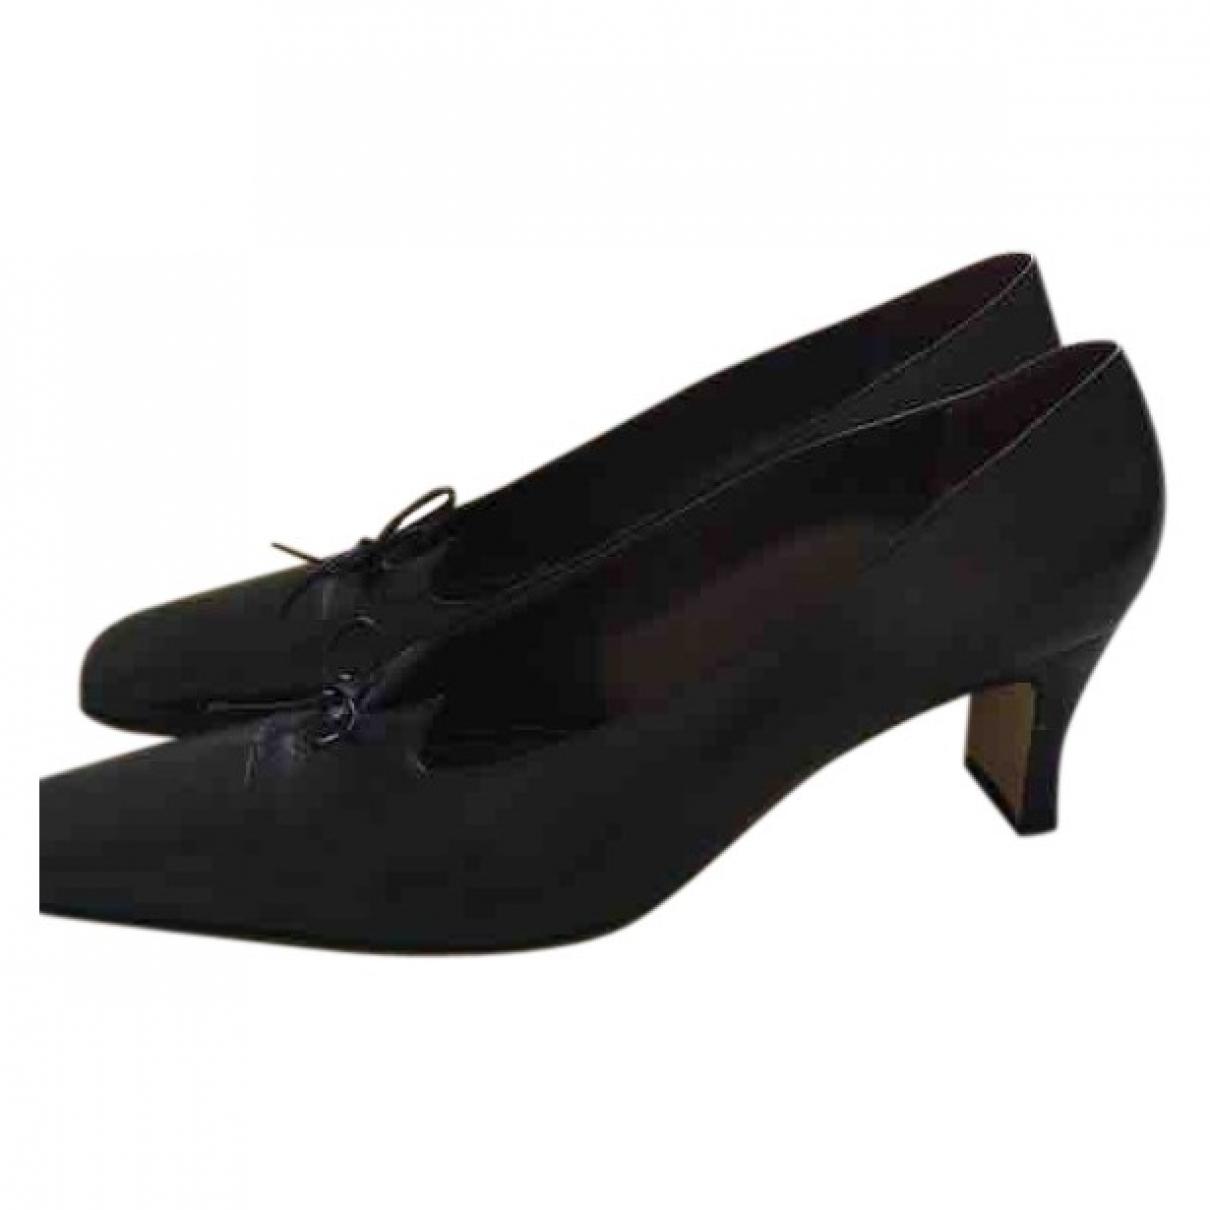 Russell & Bromley - Escarpins   pour femme en cuir - noir